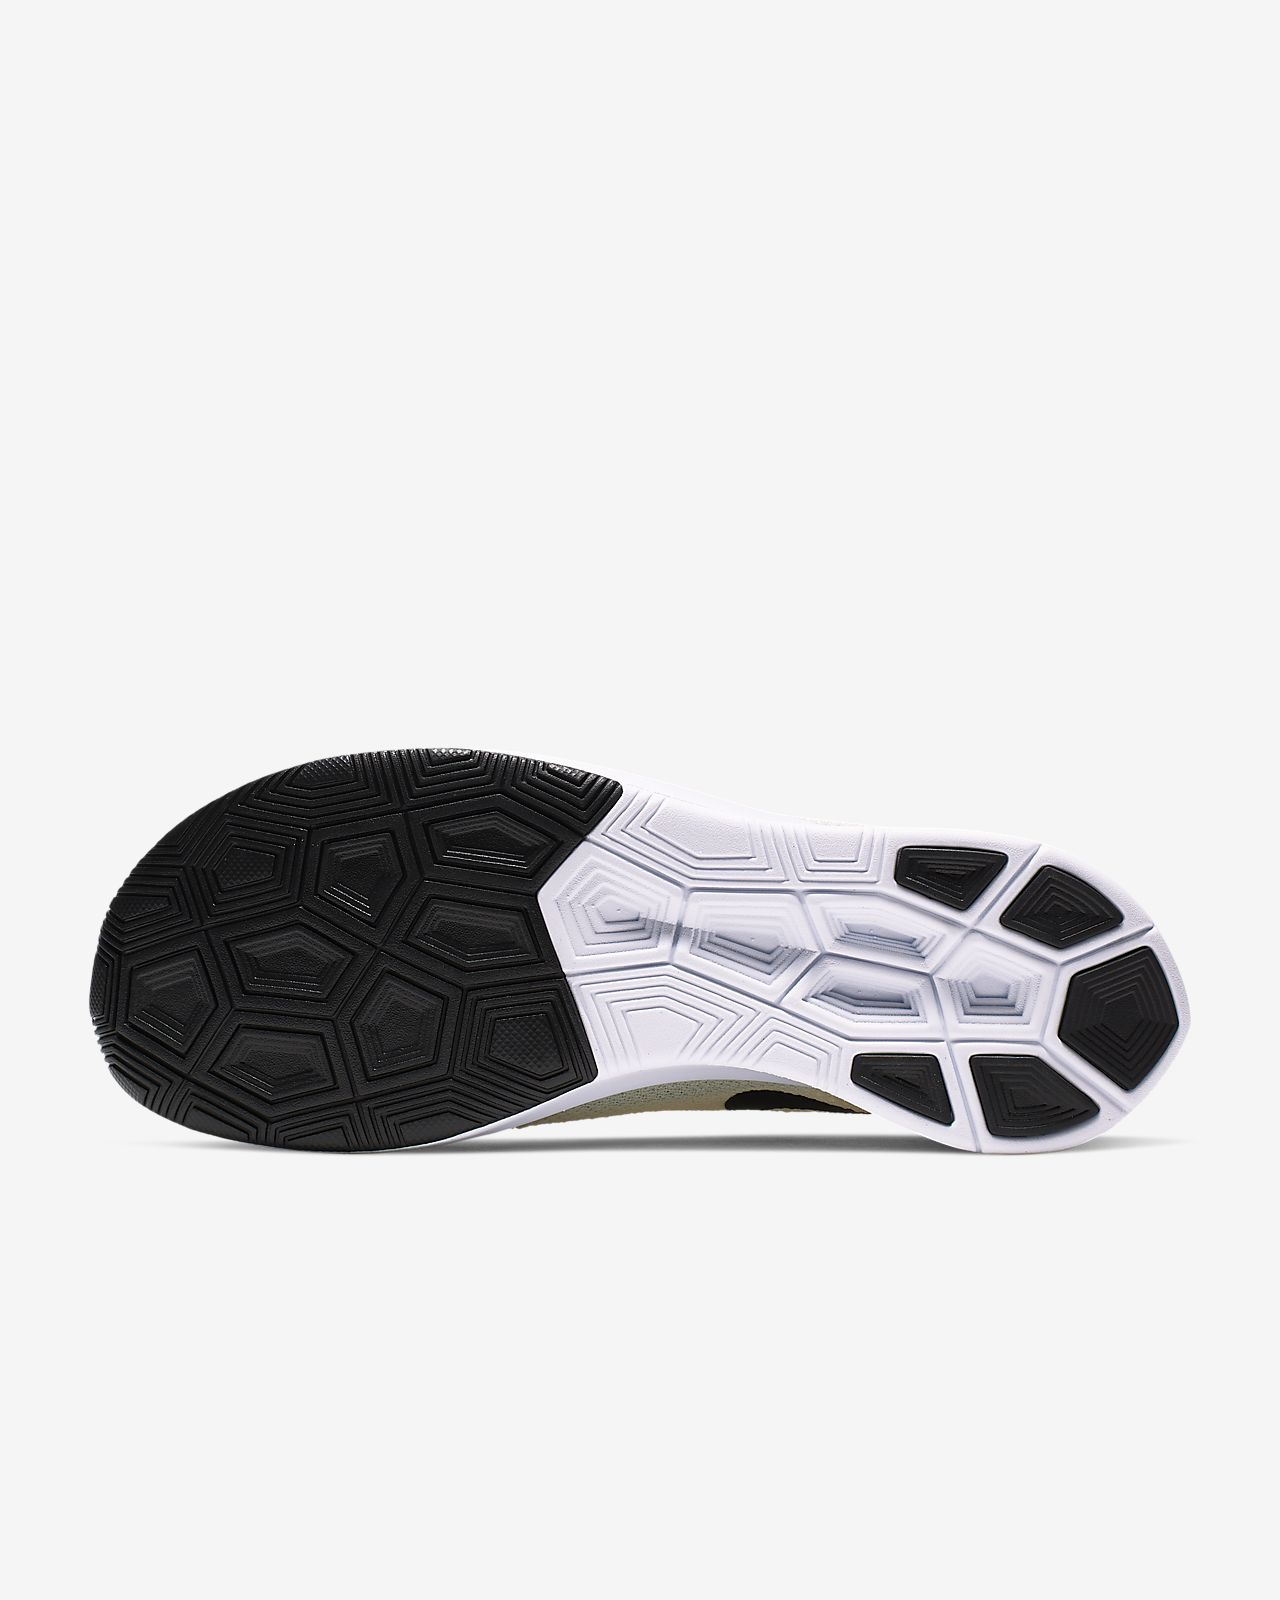 d8e599c0c37c Nike Zoom Fly Flyknit Women s Running Shoe. Nike.com CA